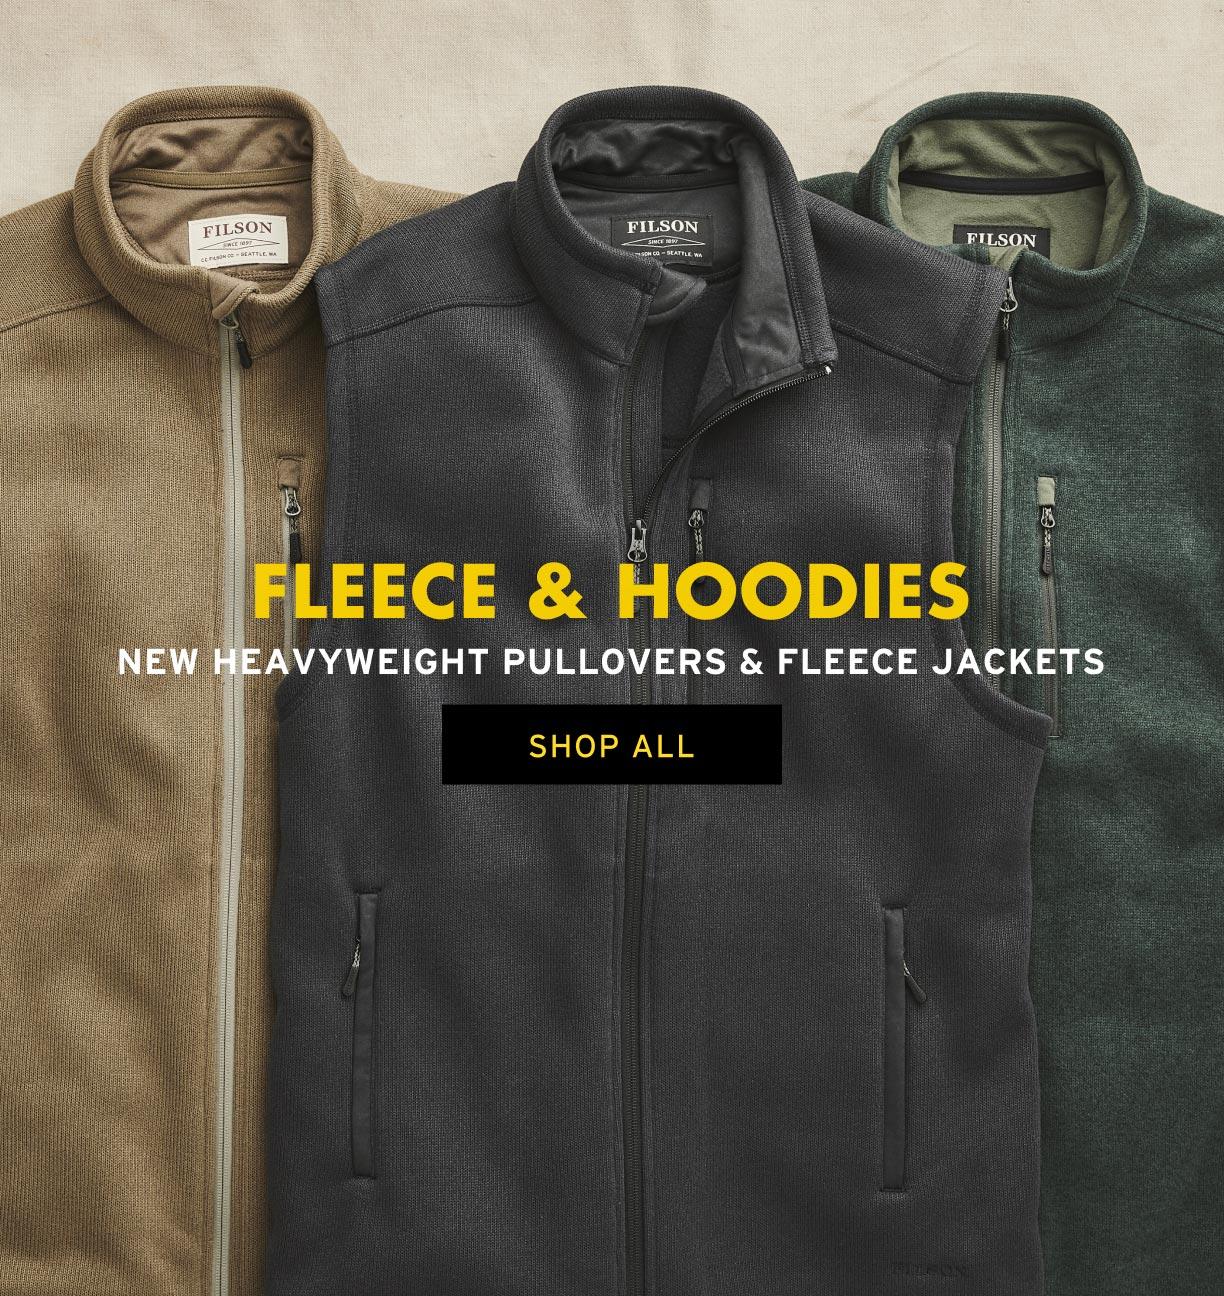 SHOP FLEECE & HOODIES